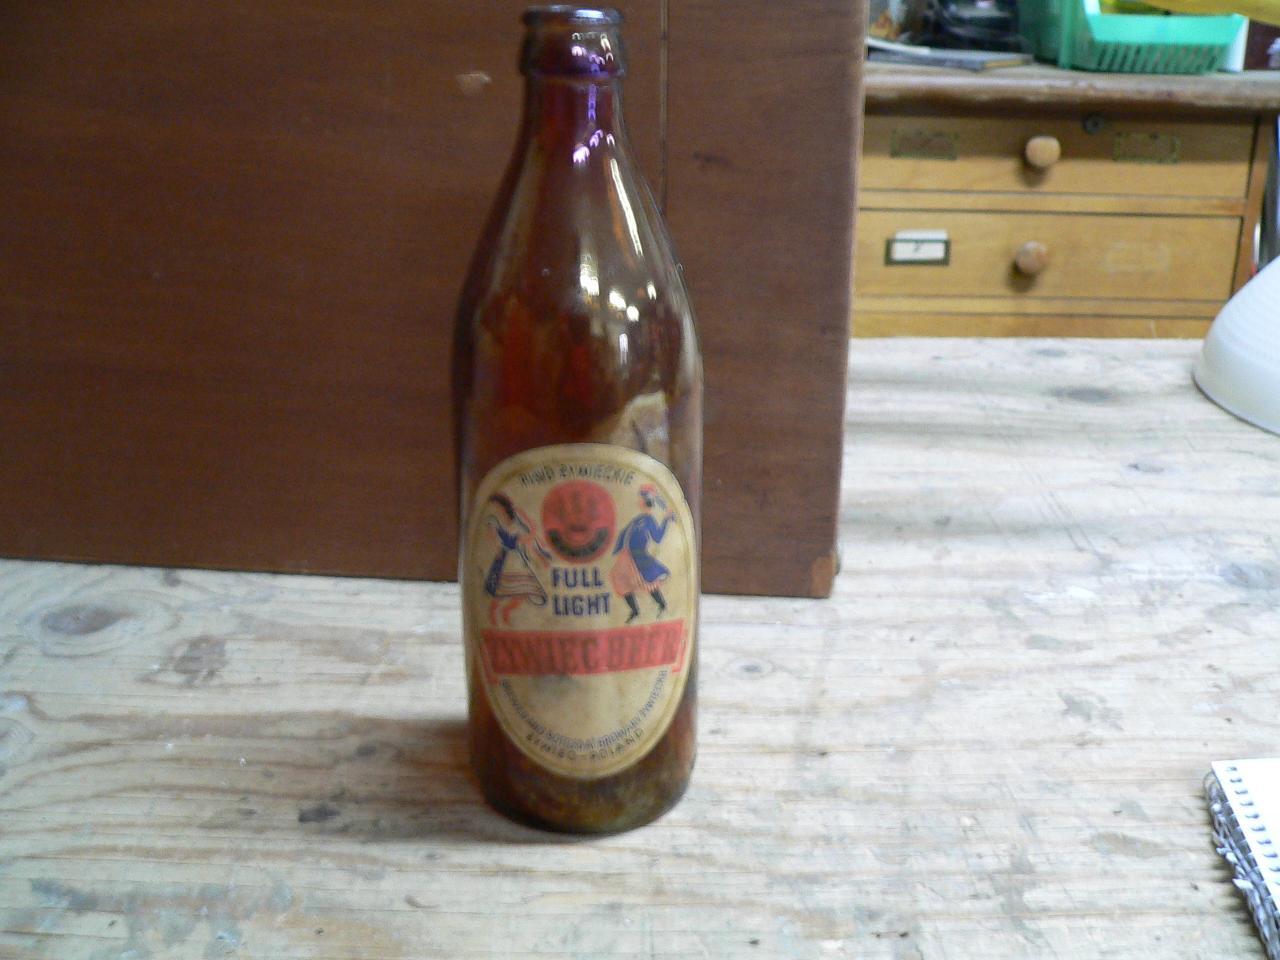 Bouteille biere de la pologne # 4556.12